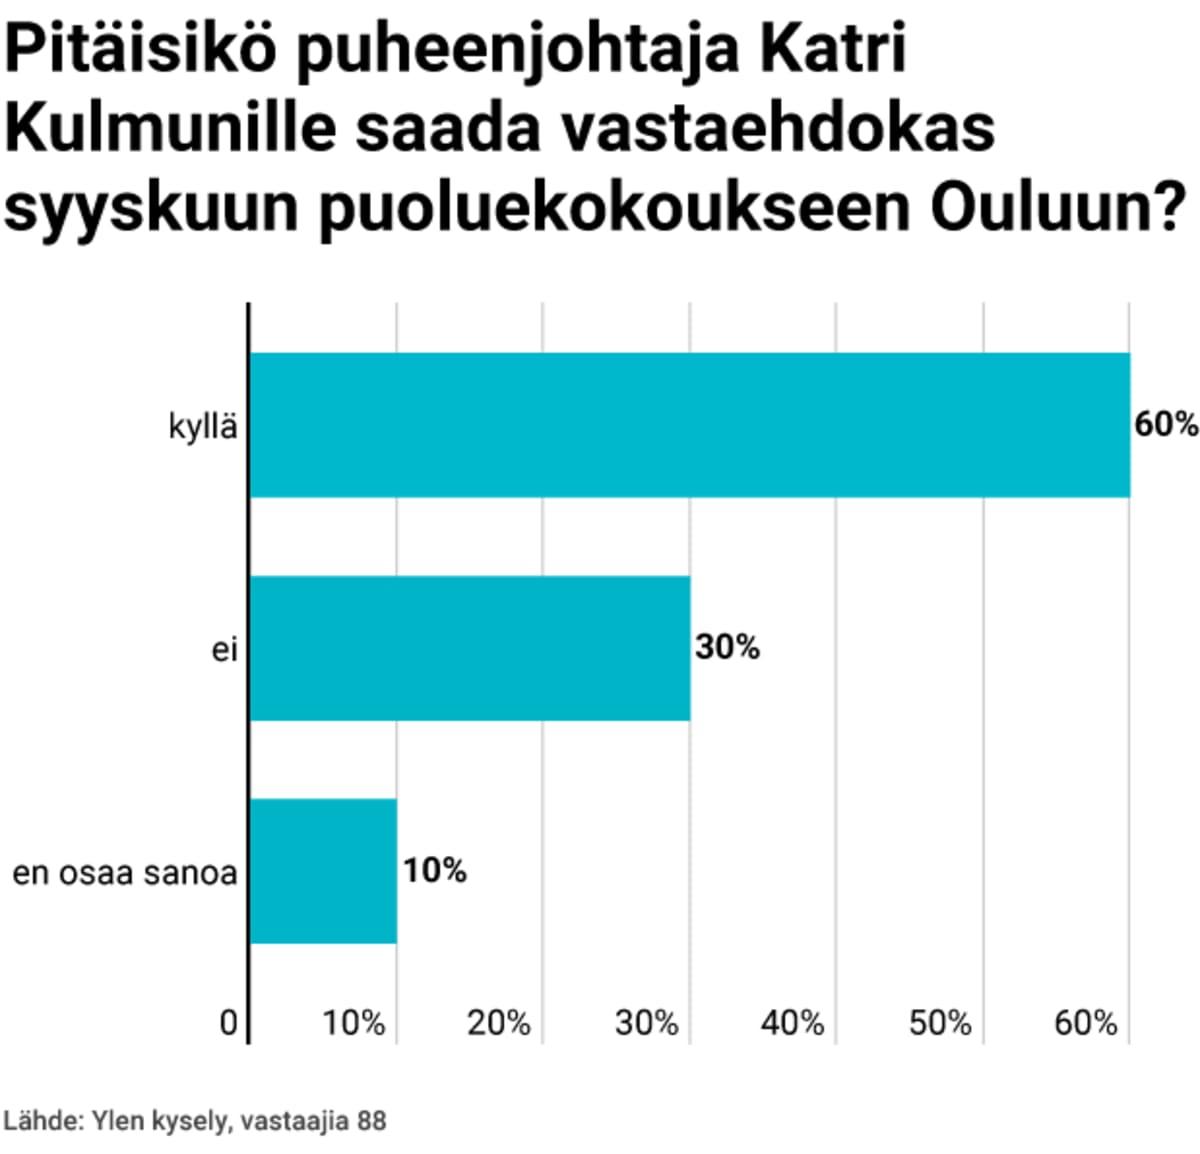 Pitäisikö puheenjohtaja Katri Kulmunille saada vastaehdokas syyskuun puoluekokoukseen Ouluun? -grafiikka